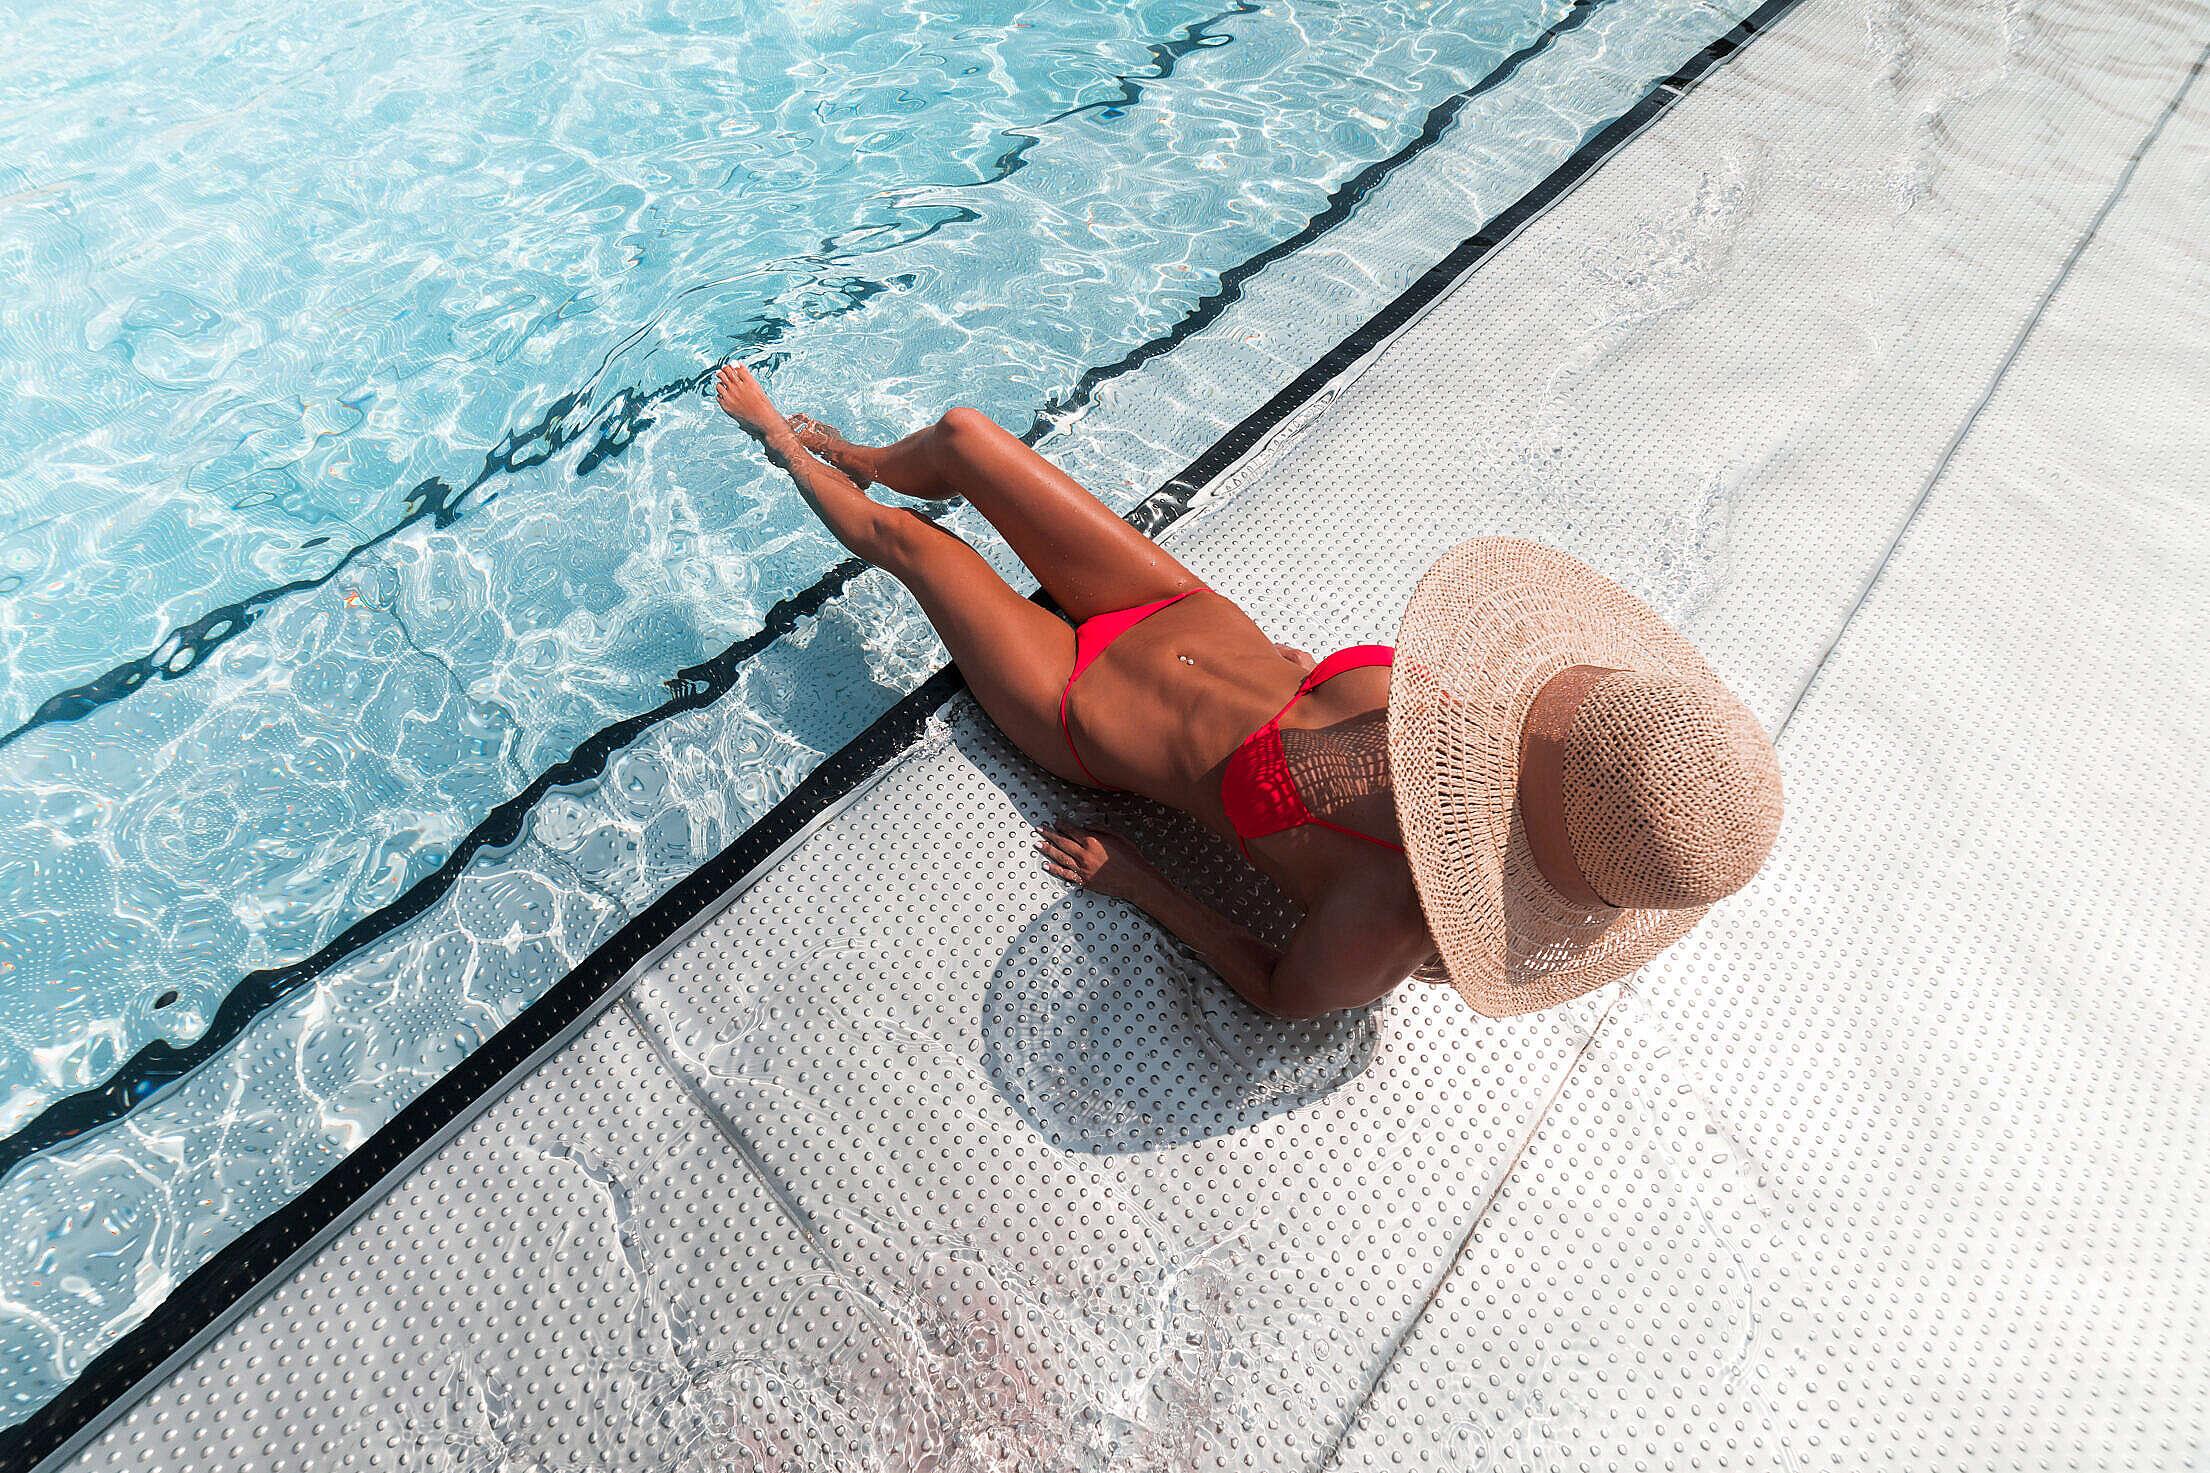 Woman in Bikini Sunbathing at The Pool Free Stock Photo